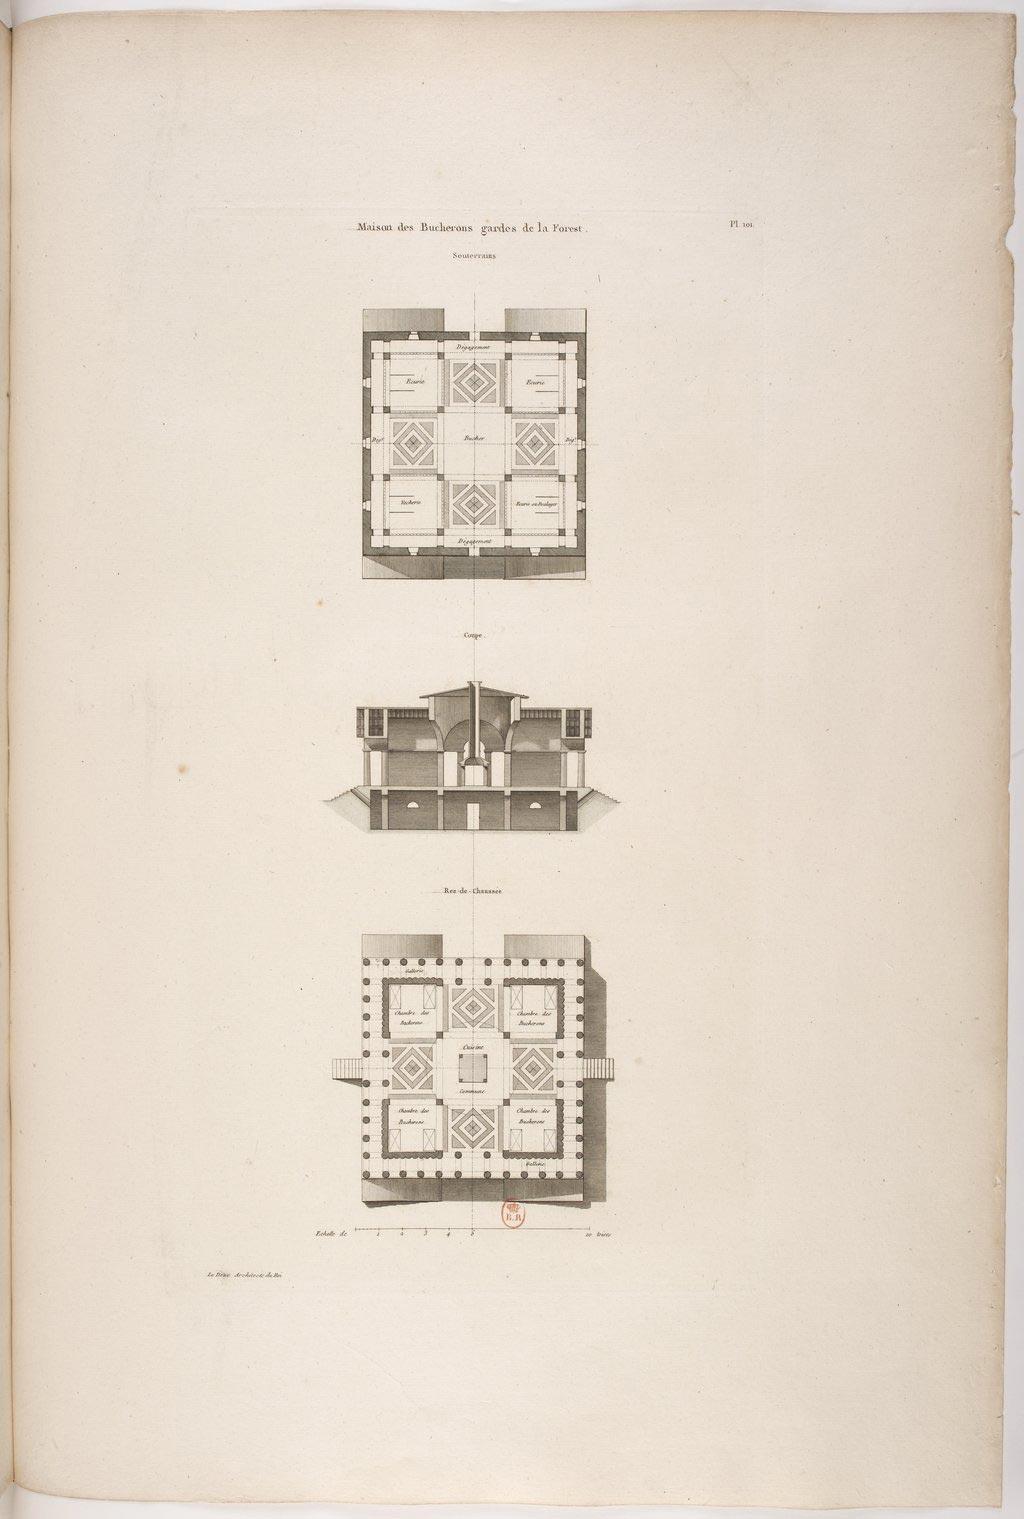 ledoux-claude-architecture-433